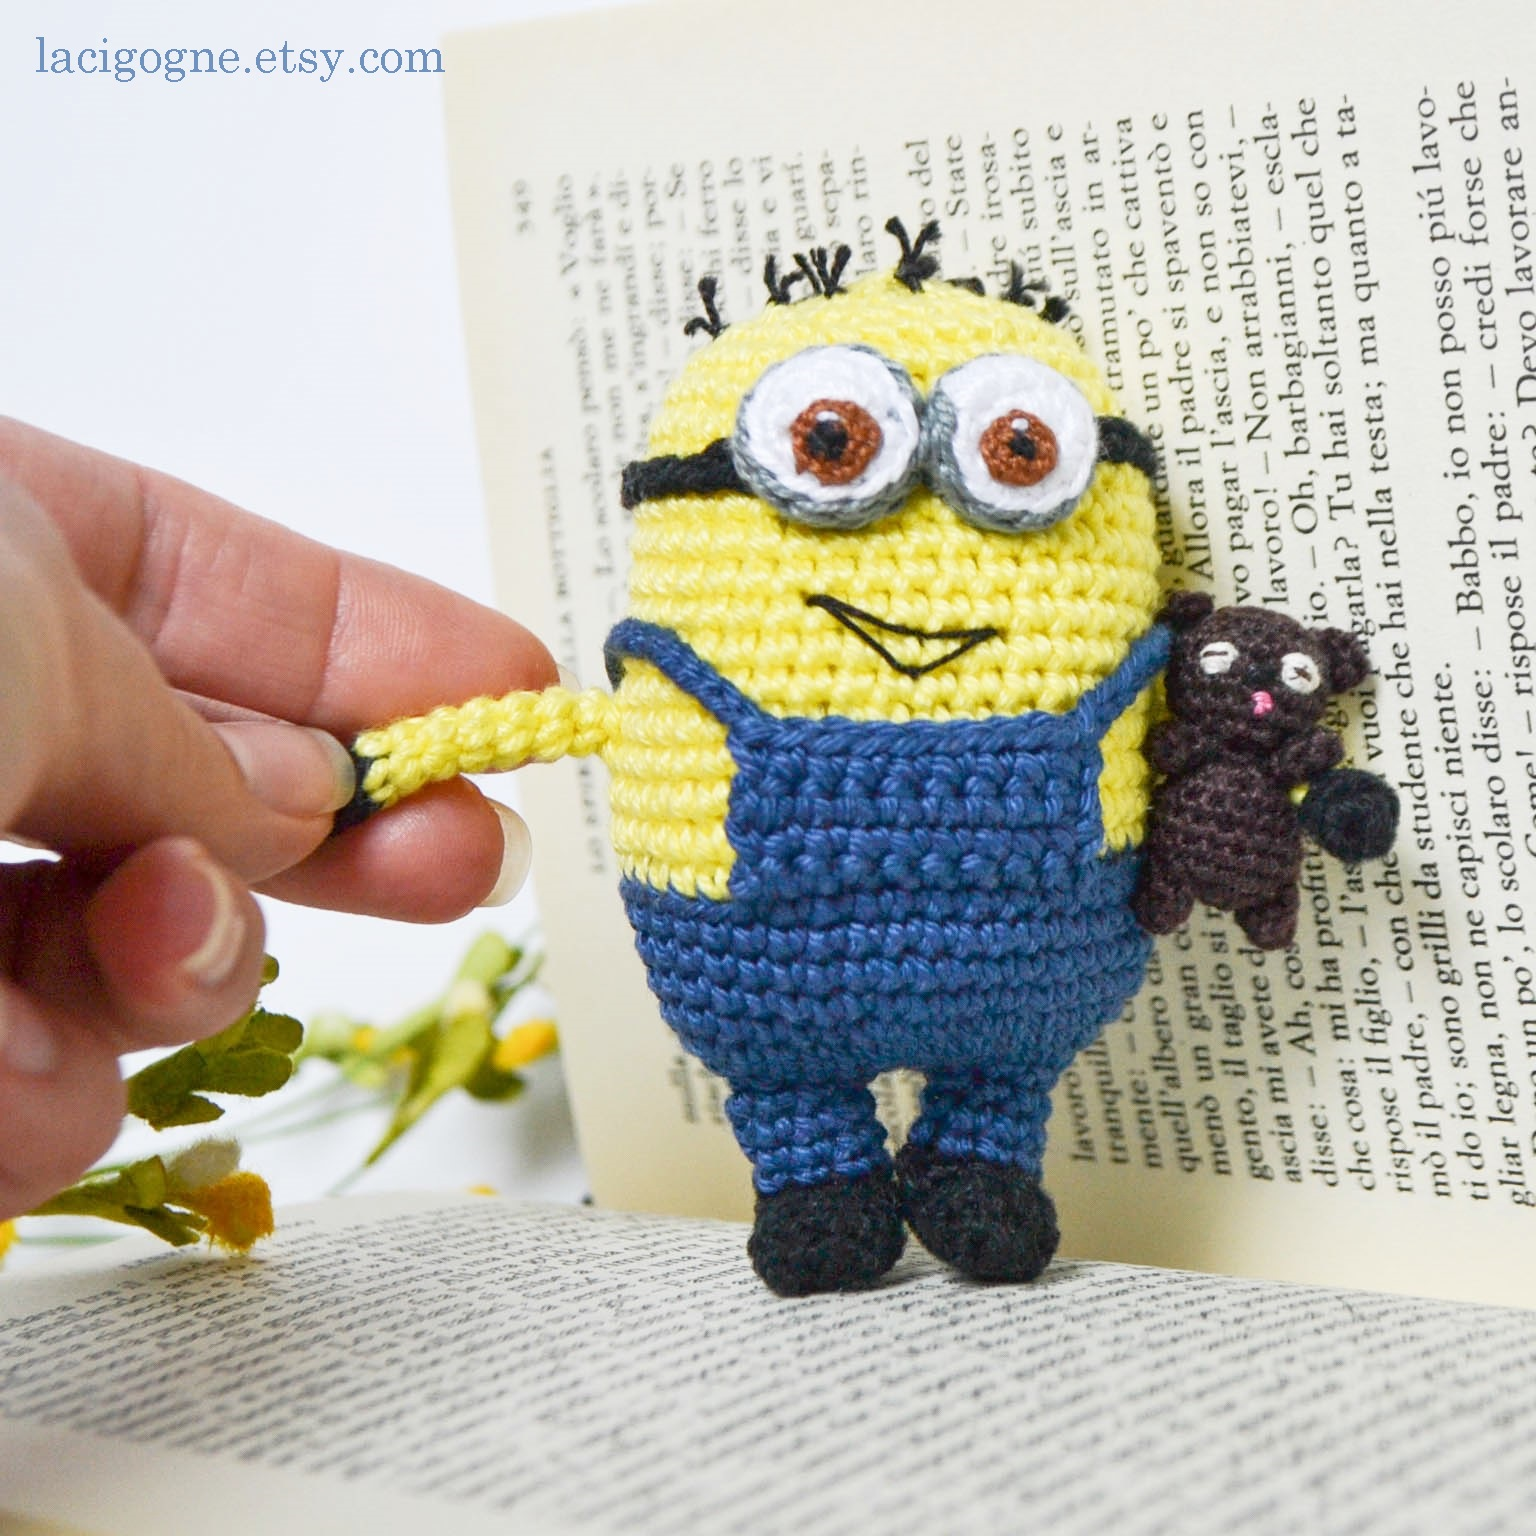 La Cigogne: Minion amigurumi crochet pattern